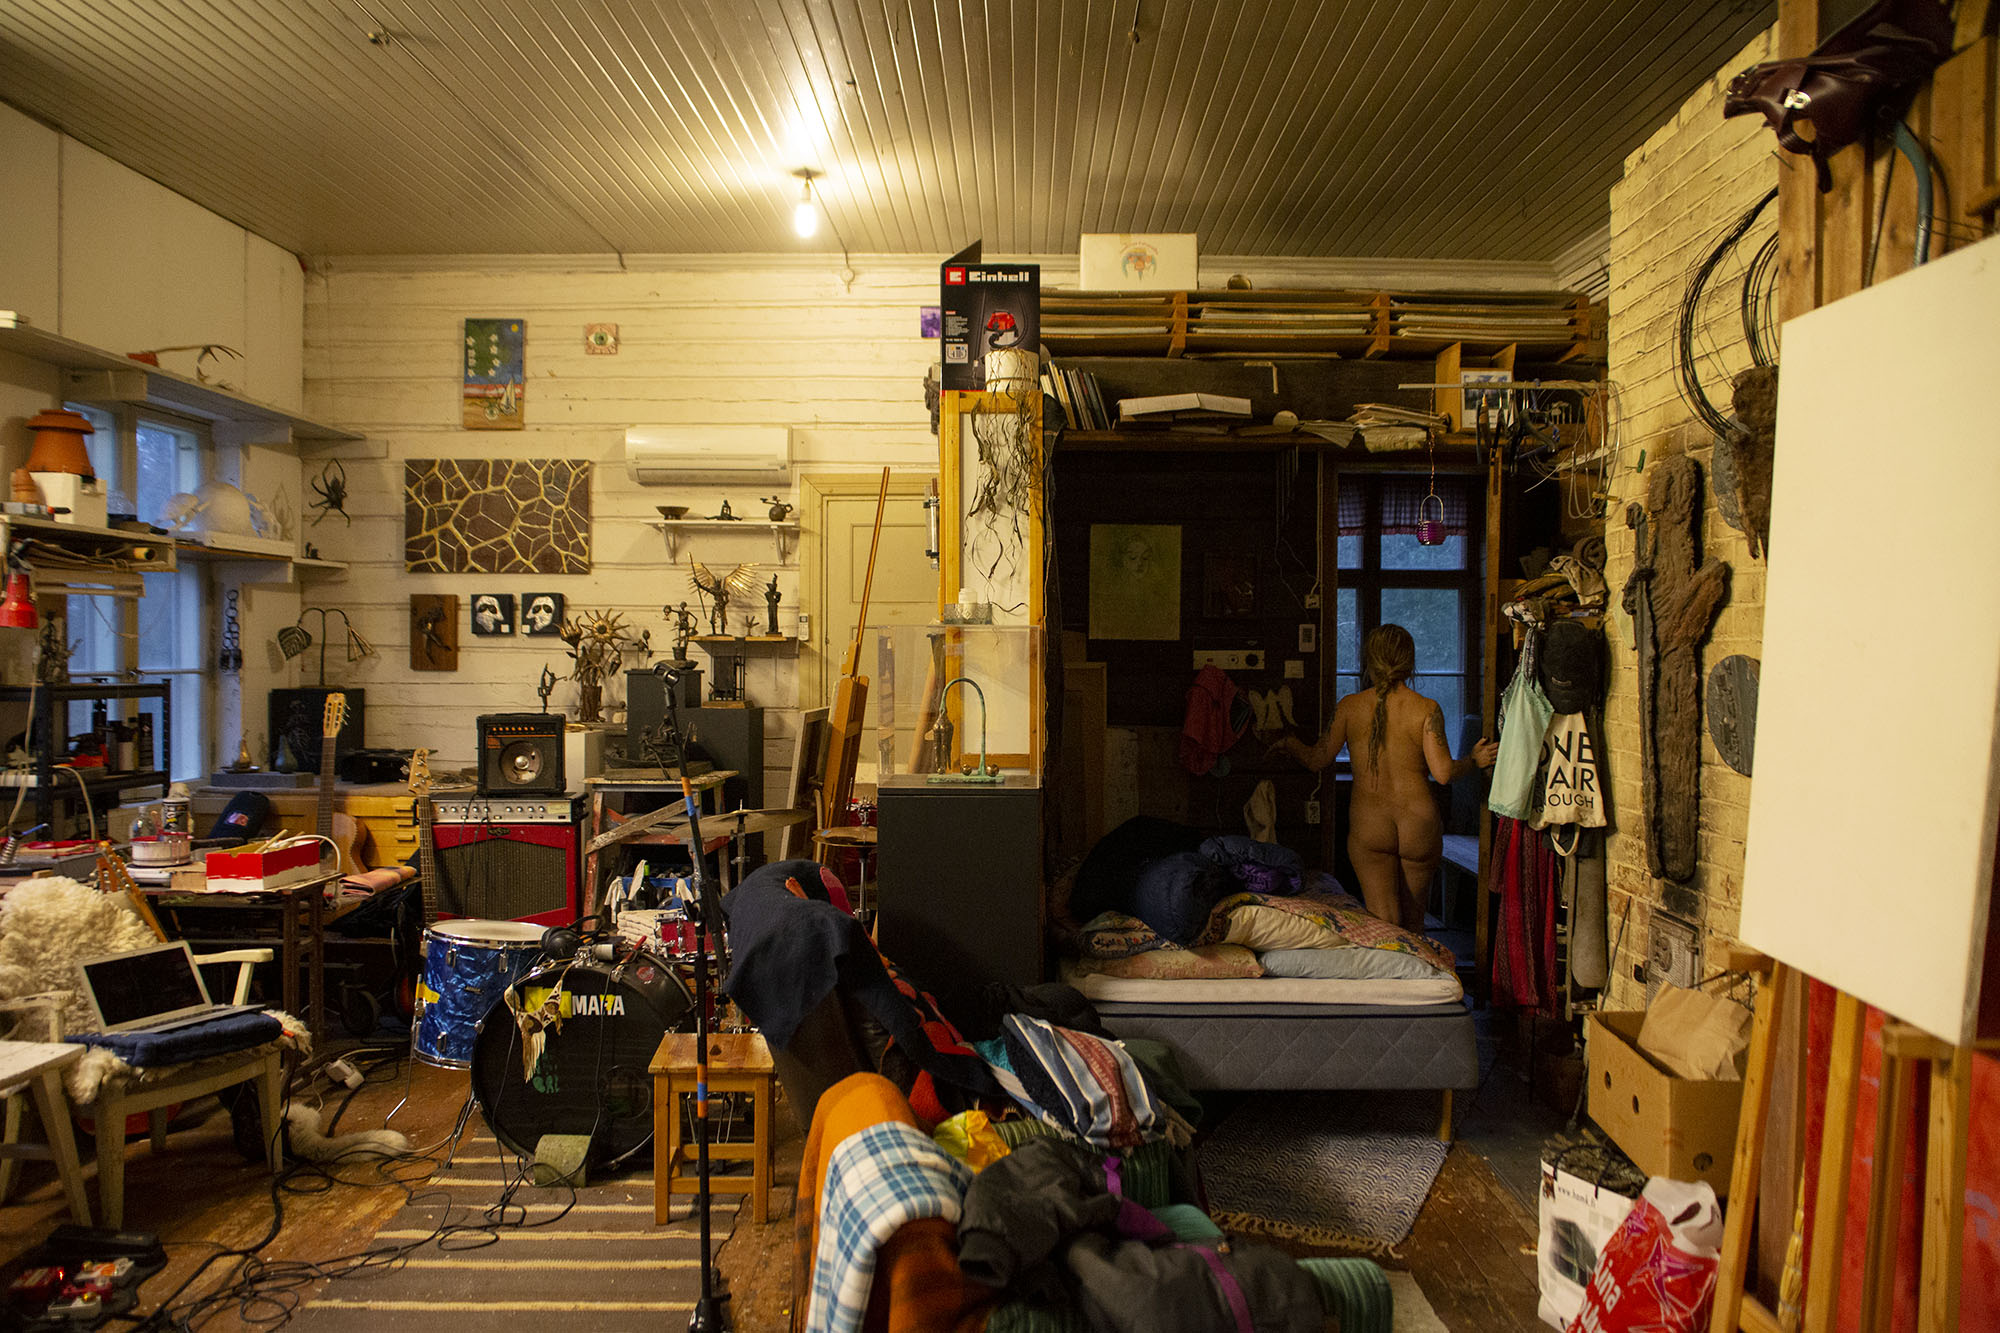 Huone jossa paljon tavaraa ja nainen menossa suihkuun pylly paljaana